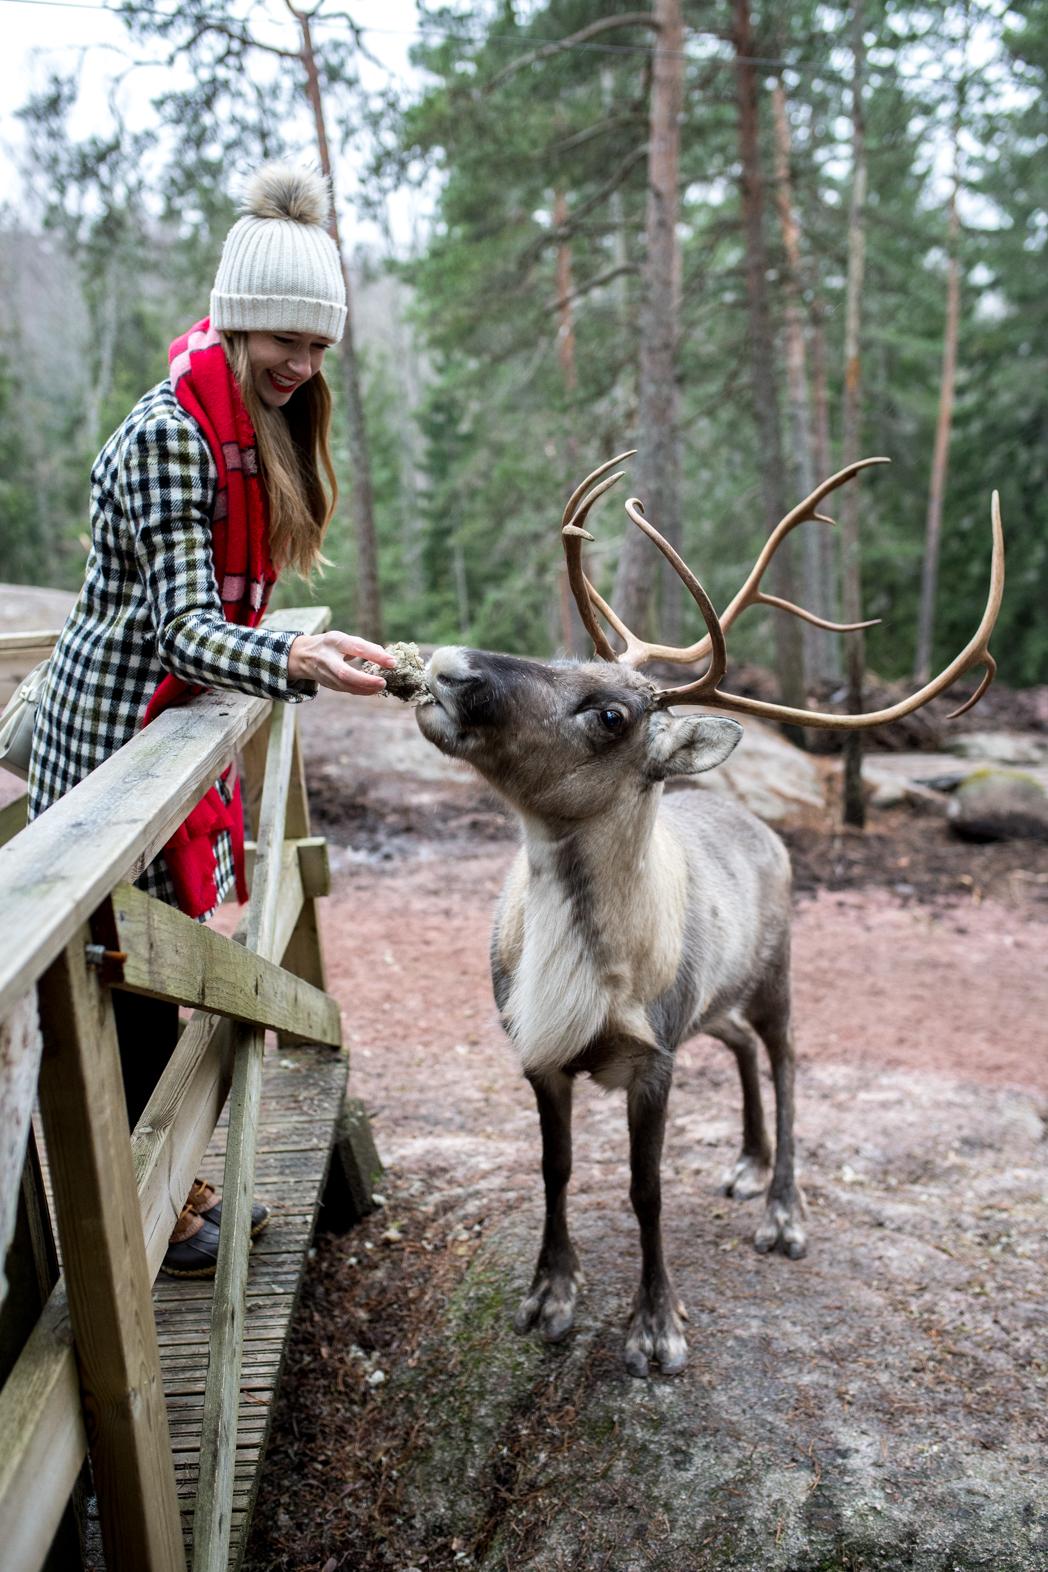 Stacie Flinner Christmas in Helskini Finland-23.jpg